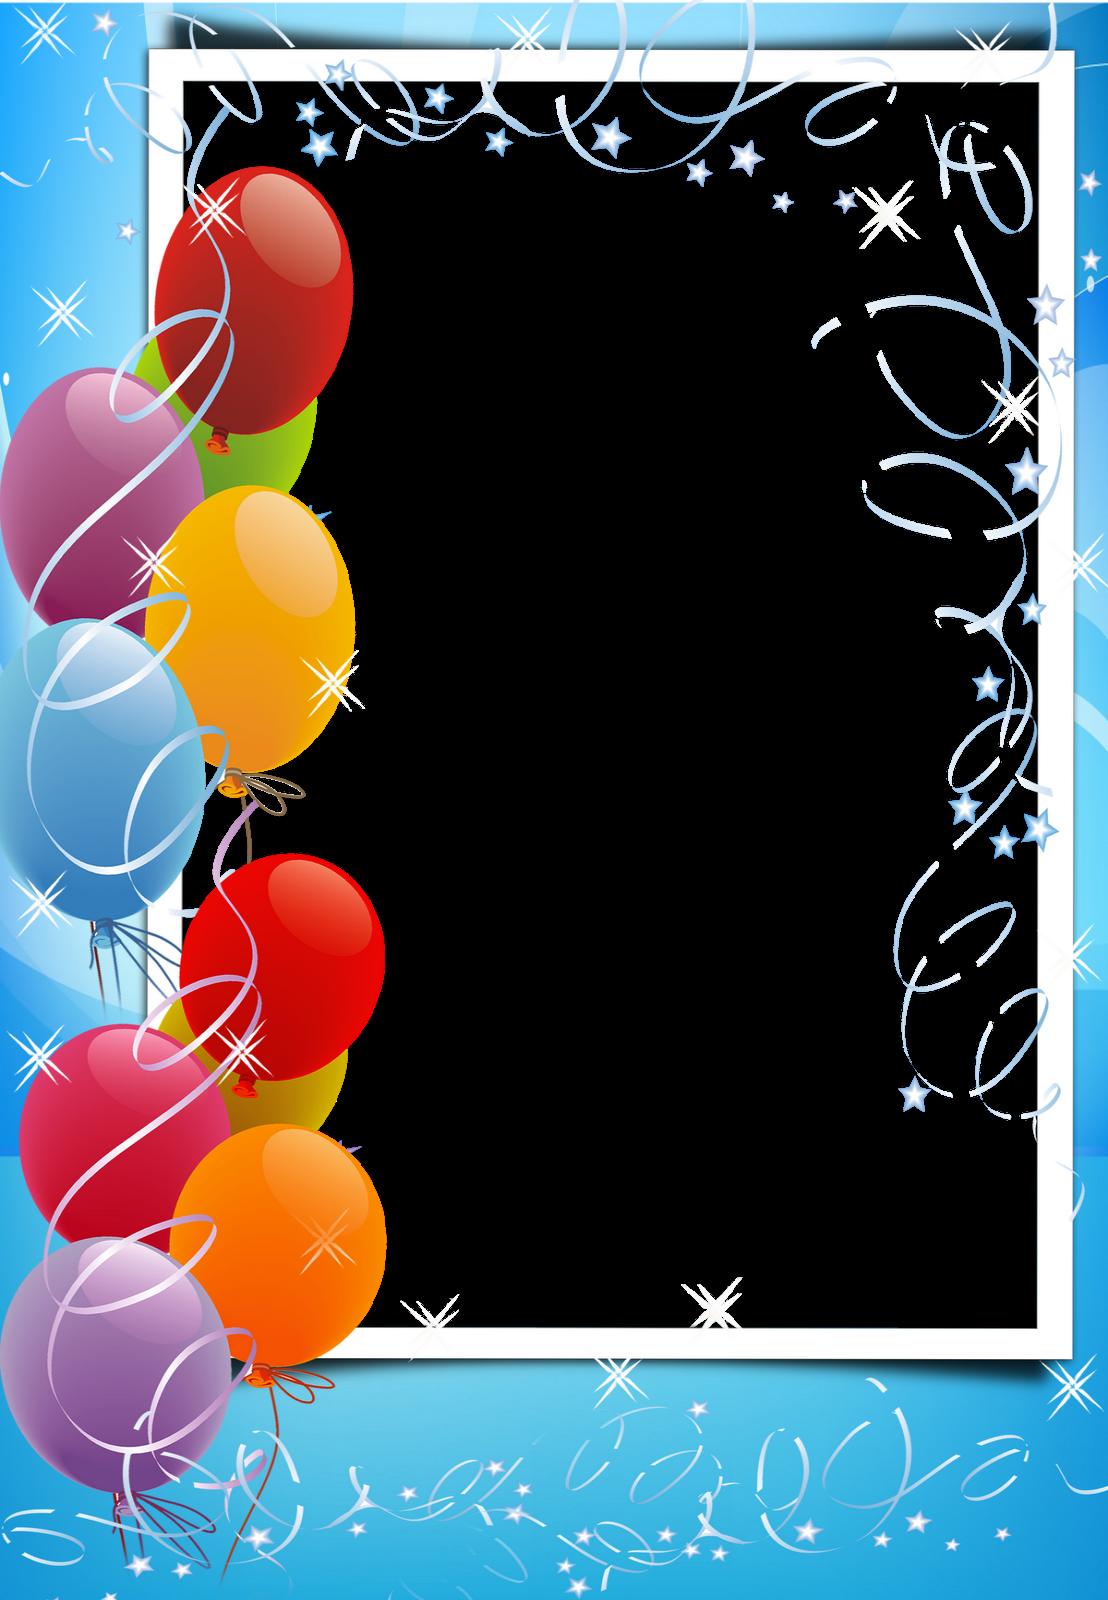 Efecto De Fotos De La Categoría Cumpleaños Targetas De Feliz Cumpleaños Tarjetas De Cumpleaños Para Niños Marco Fotos Cumpleaños